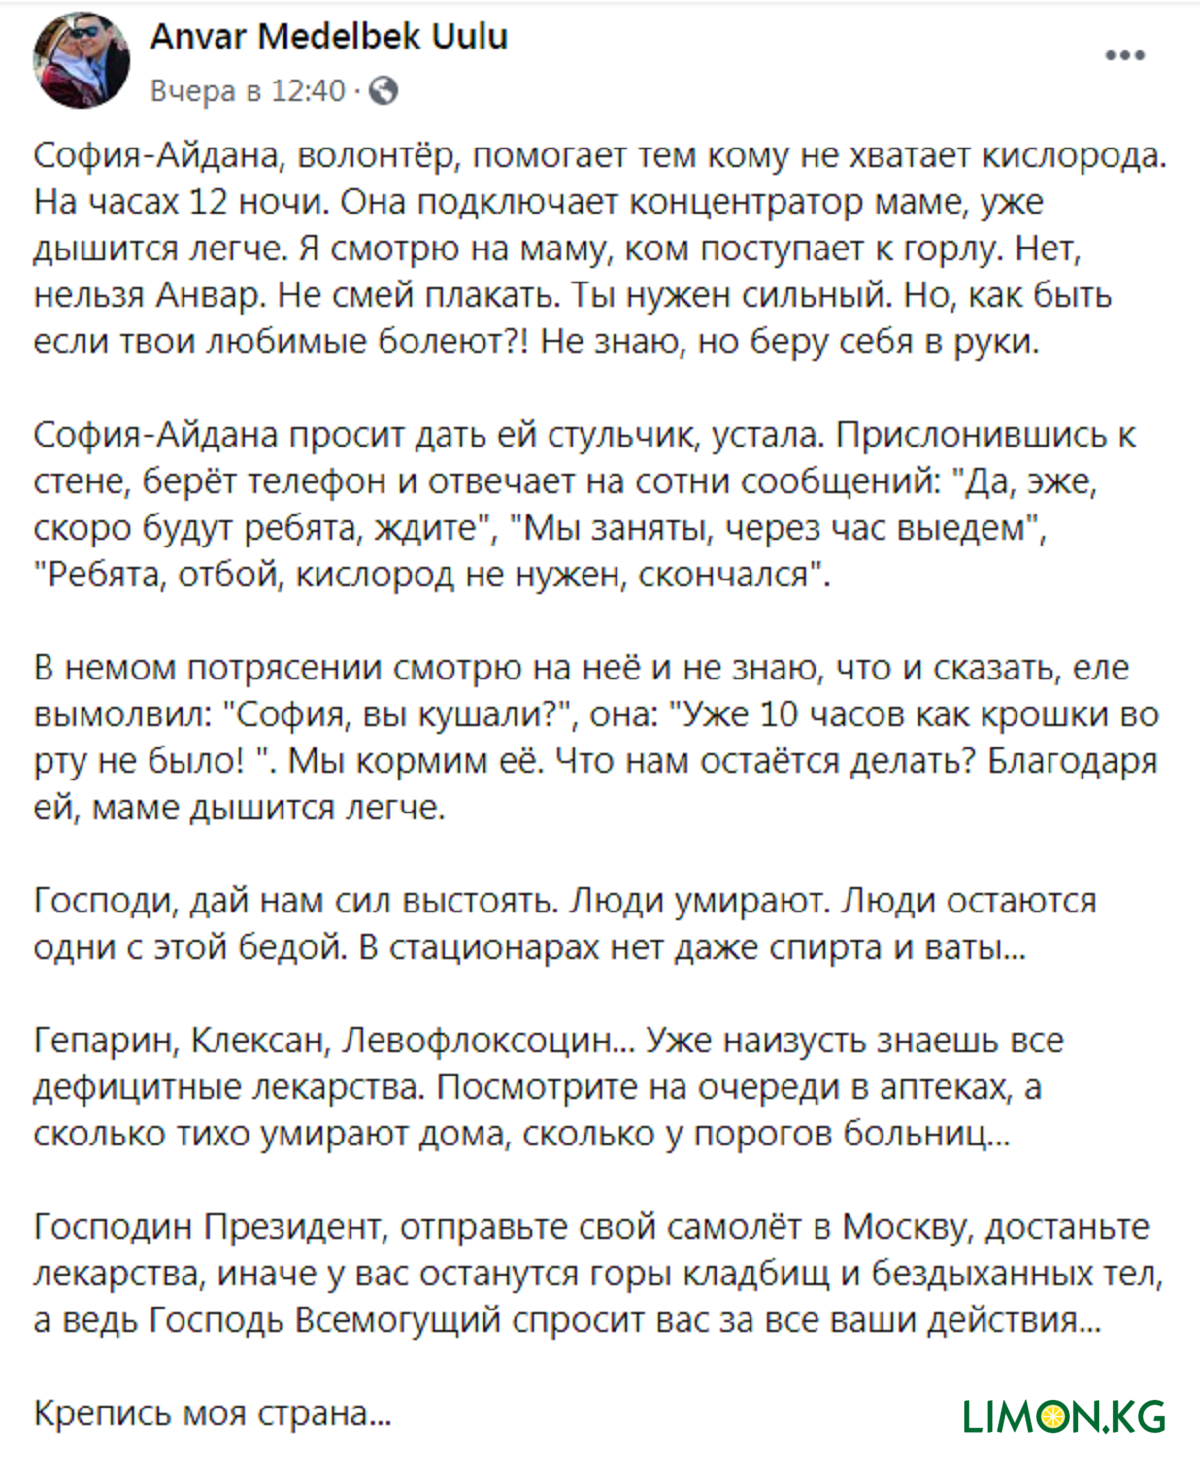 Анвар Меделбек уулу